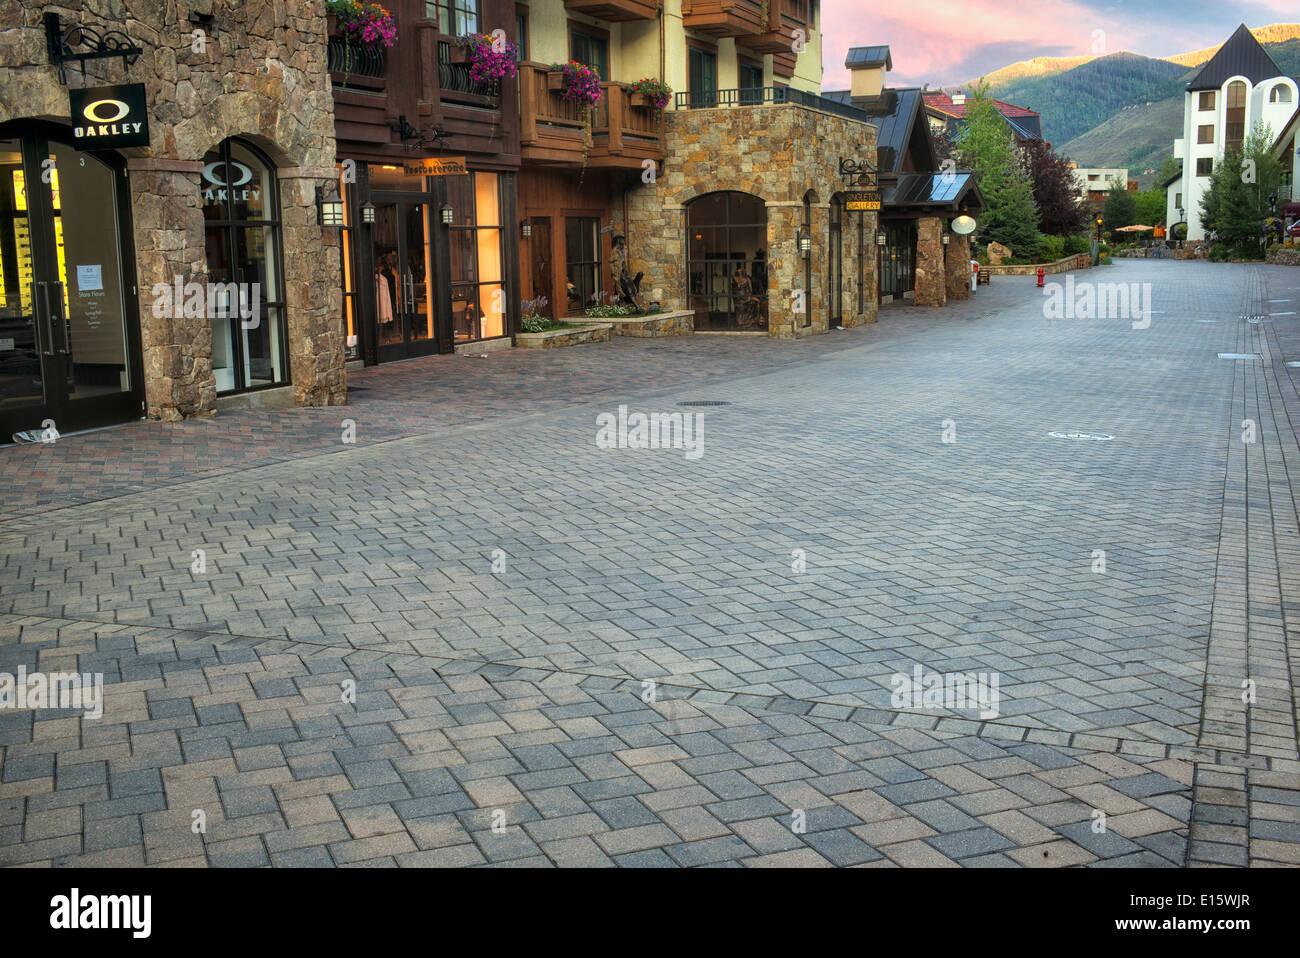 Carreggiata di pietra a Vail. Vail Colorado Immagini Stock